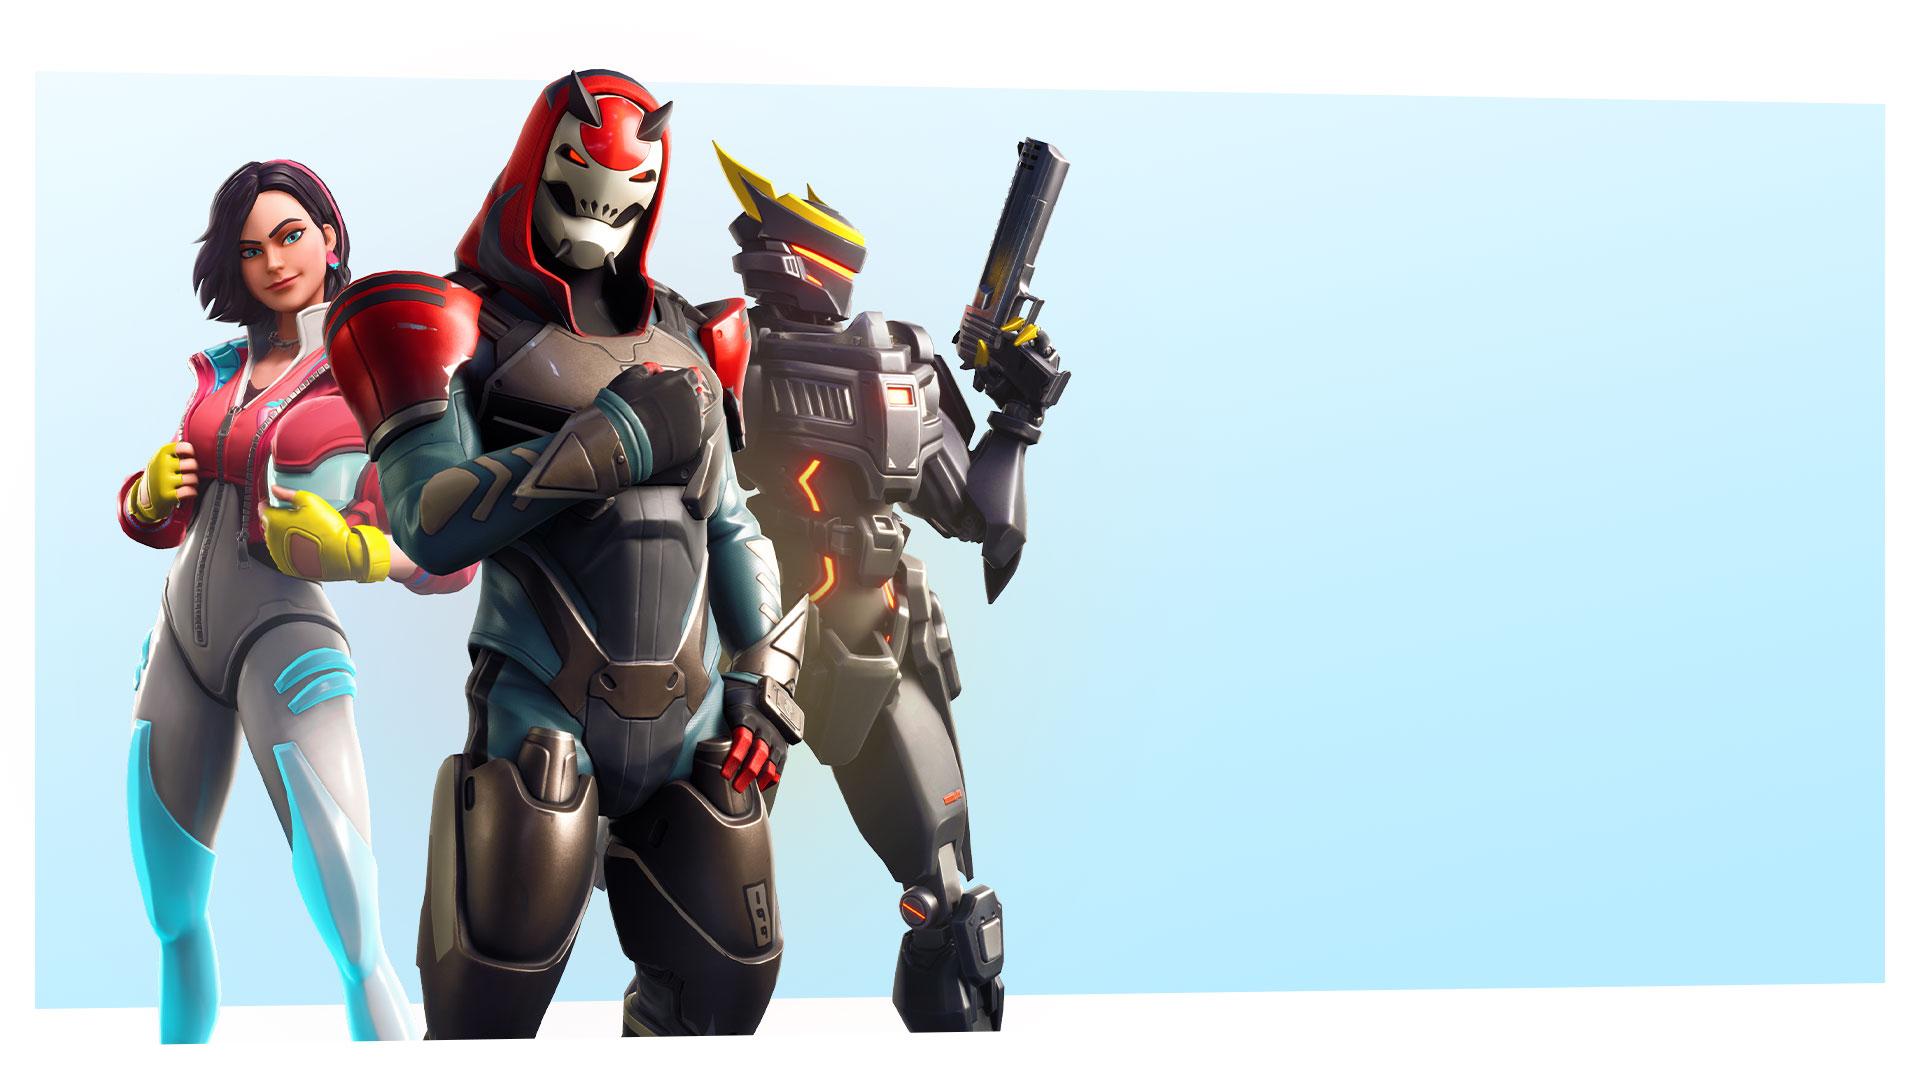 Fortnite Saison 9 Charaktere, die in Formation posieren